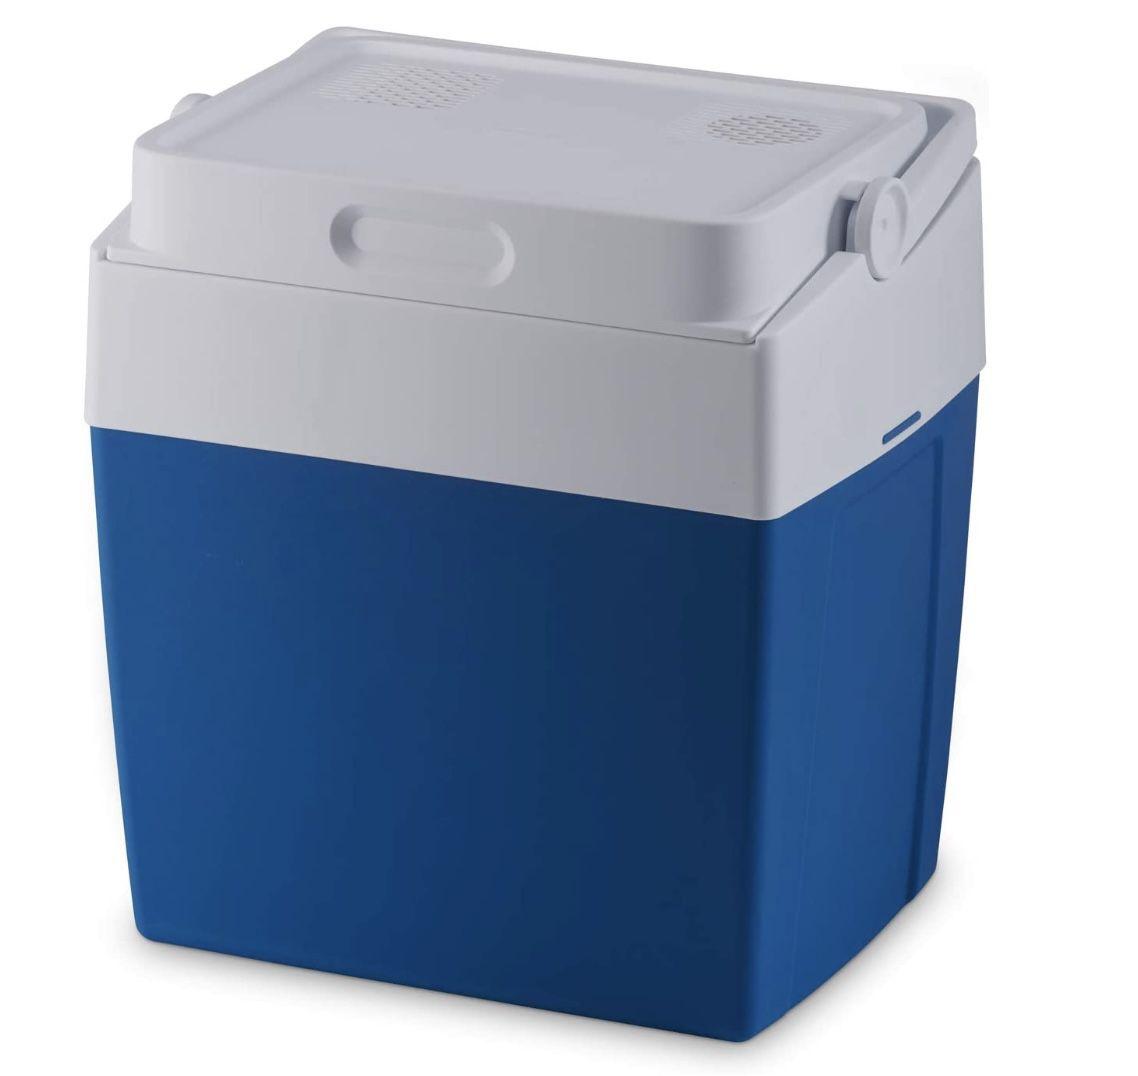 Mobicool MV30 tragbare elektrische Kühlbox 29l für 37,76€ (statt 44€)